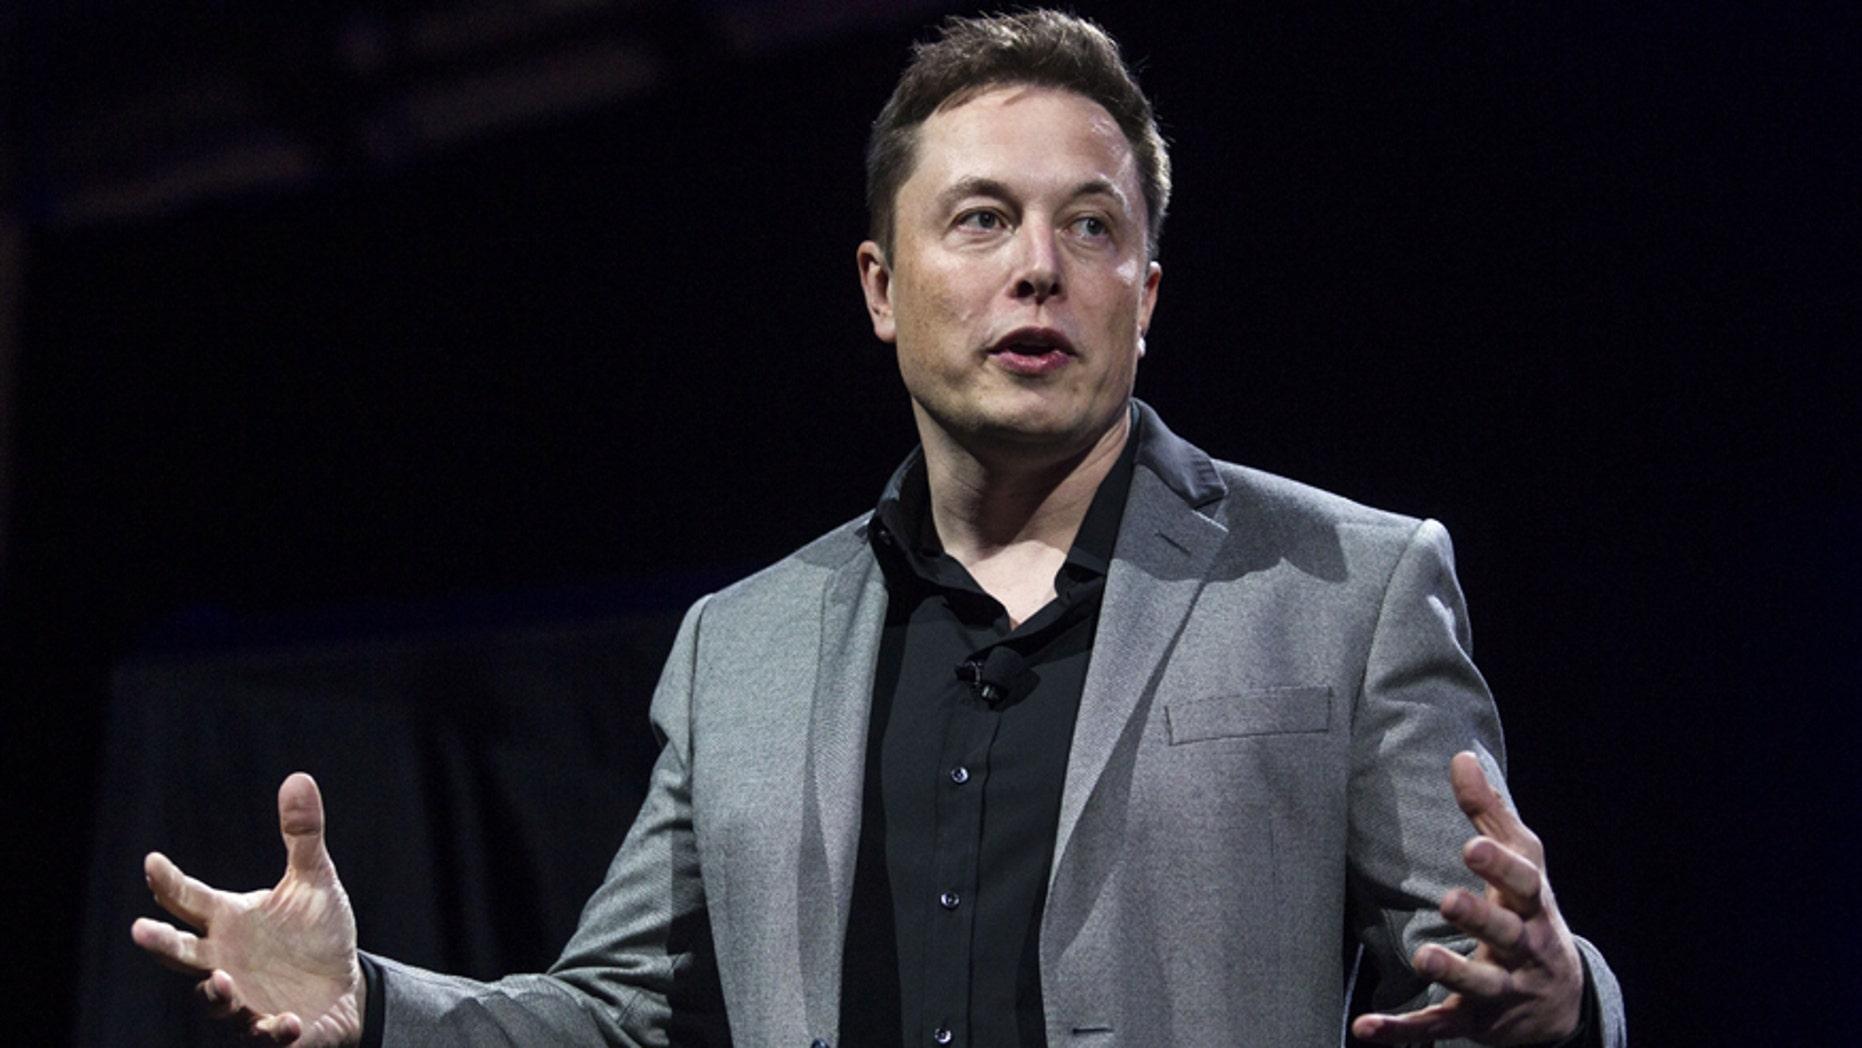 Tesla CEO Elon Musk speaks onstage in April 2015.